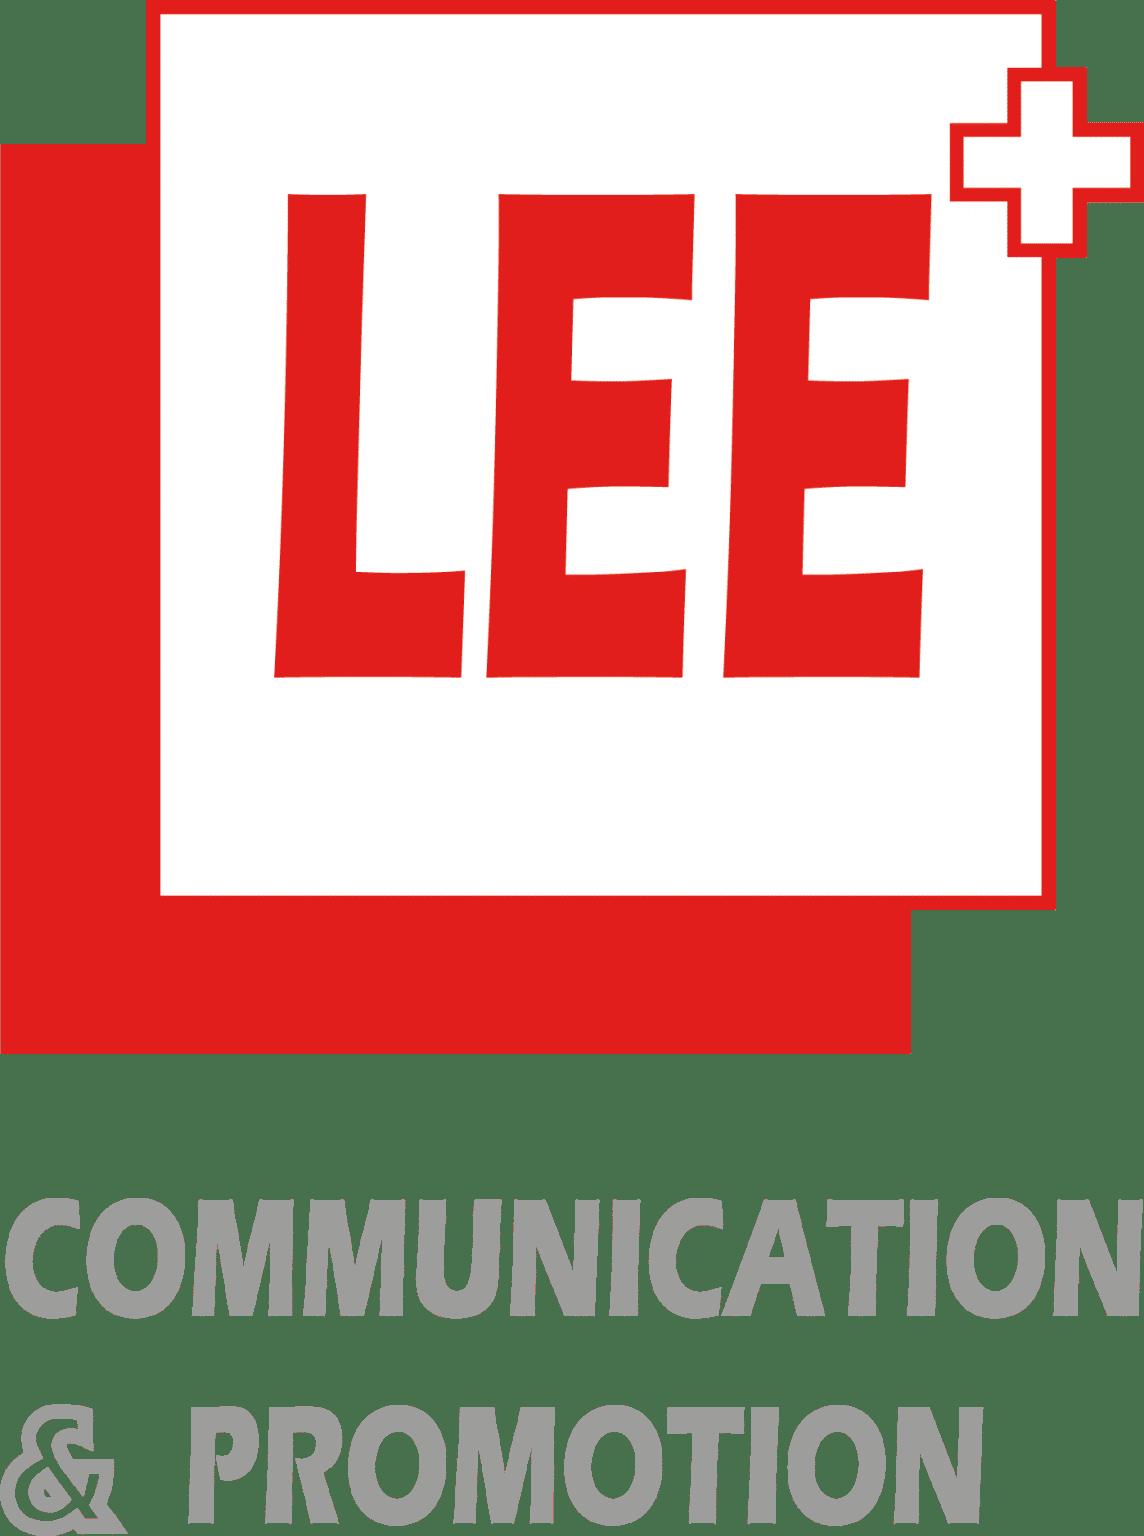 LEE Communication & Promotion sagl